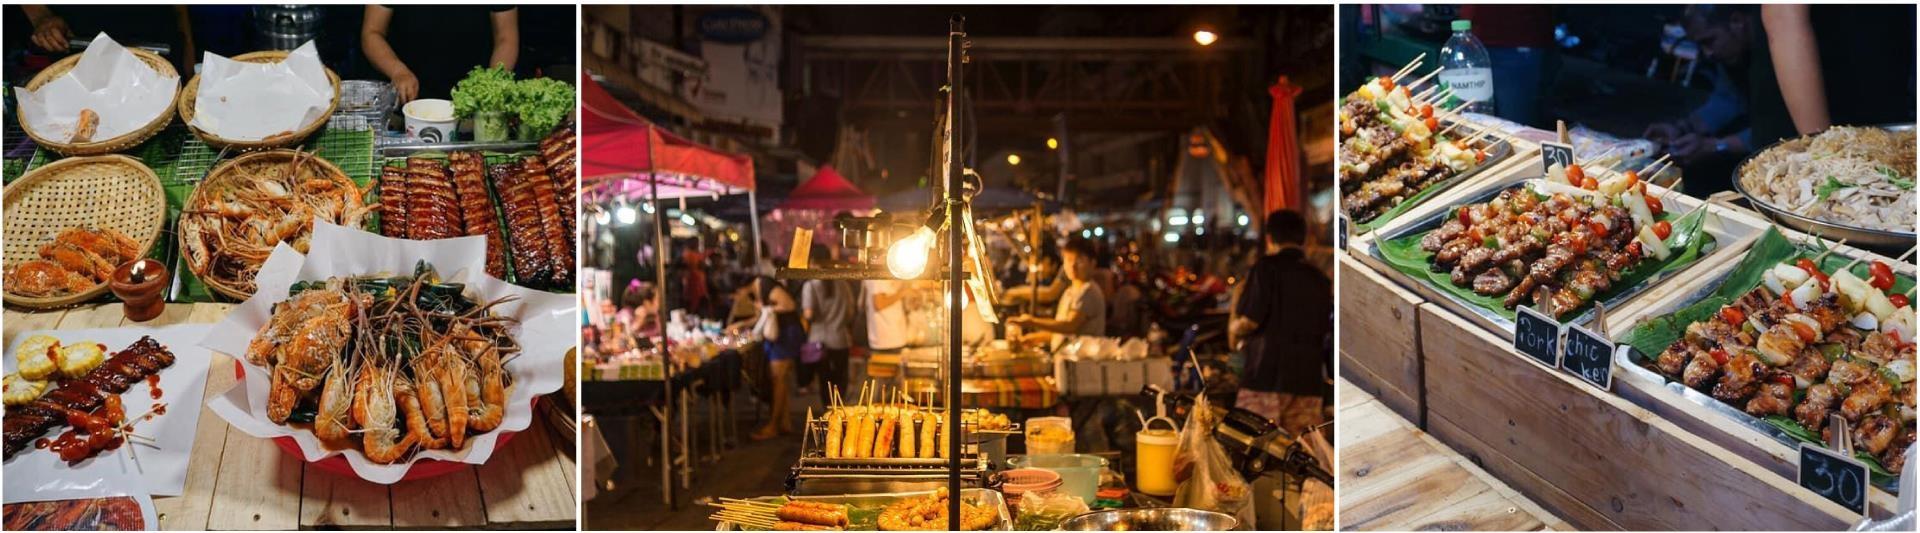 Chiang Mai binh yen - diem den ly tuong cho chuyen di xa cung con nho hinh anh 13